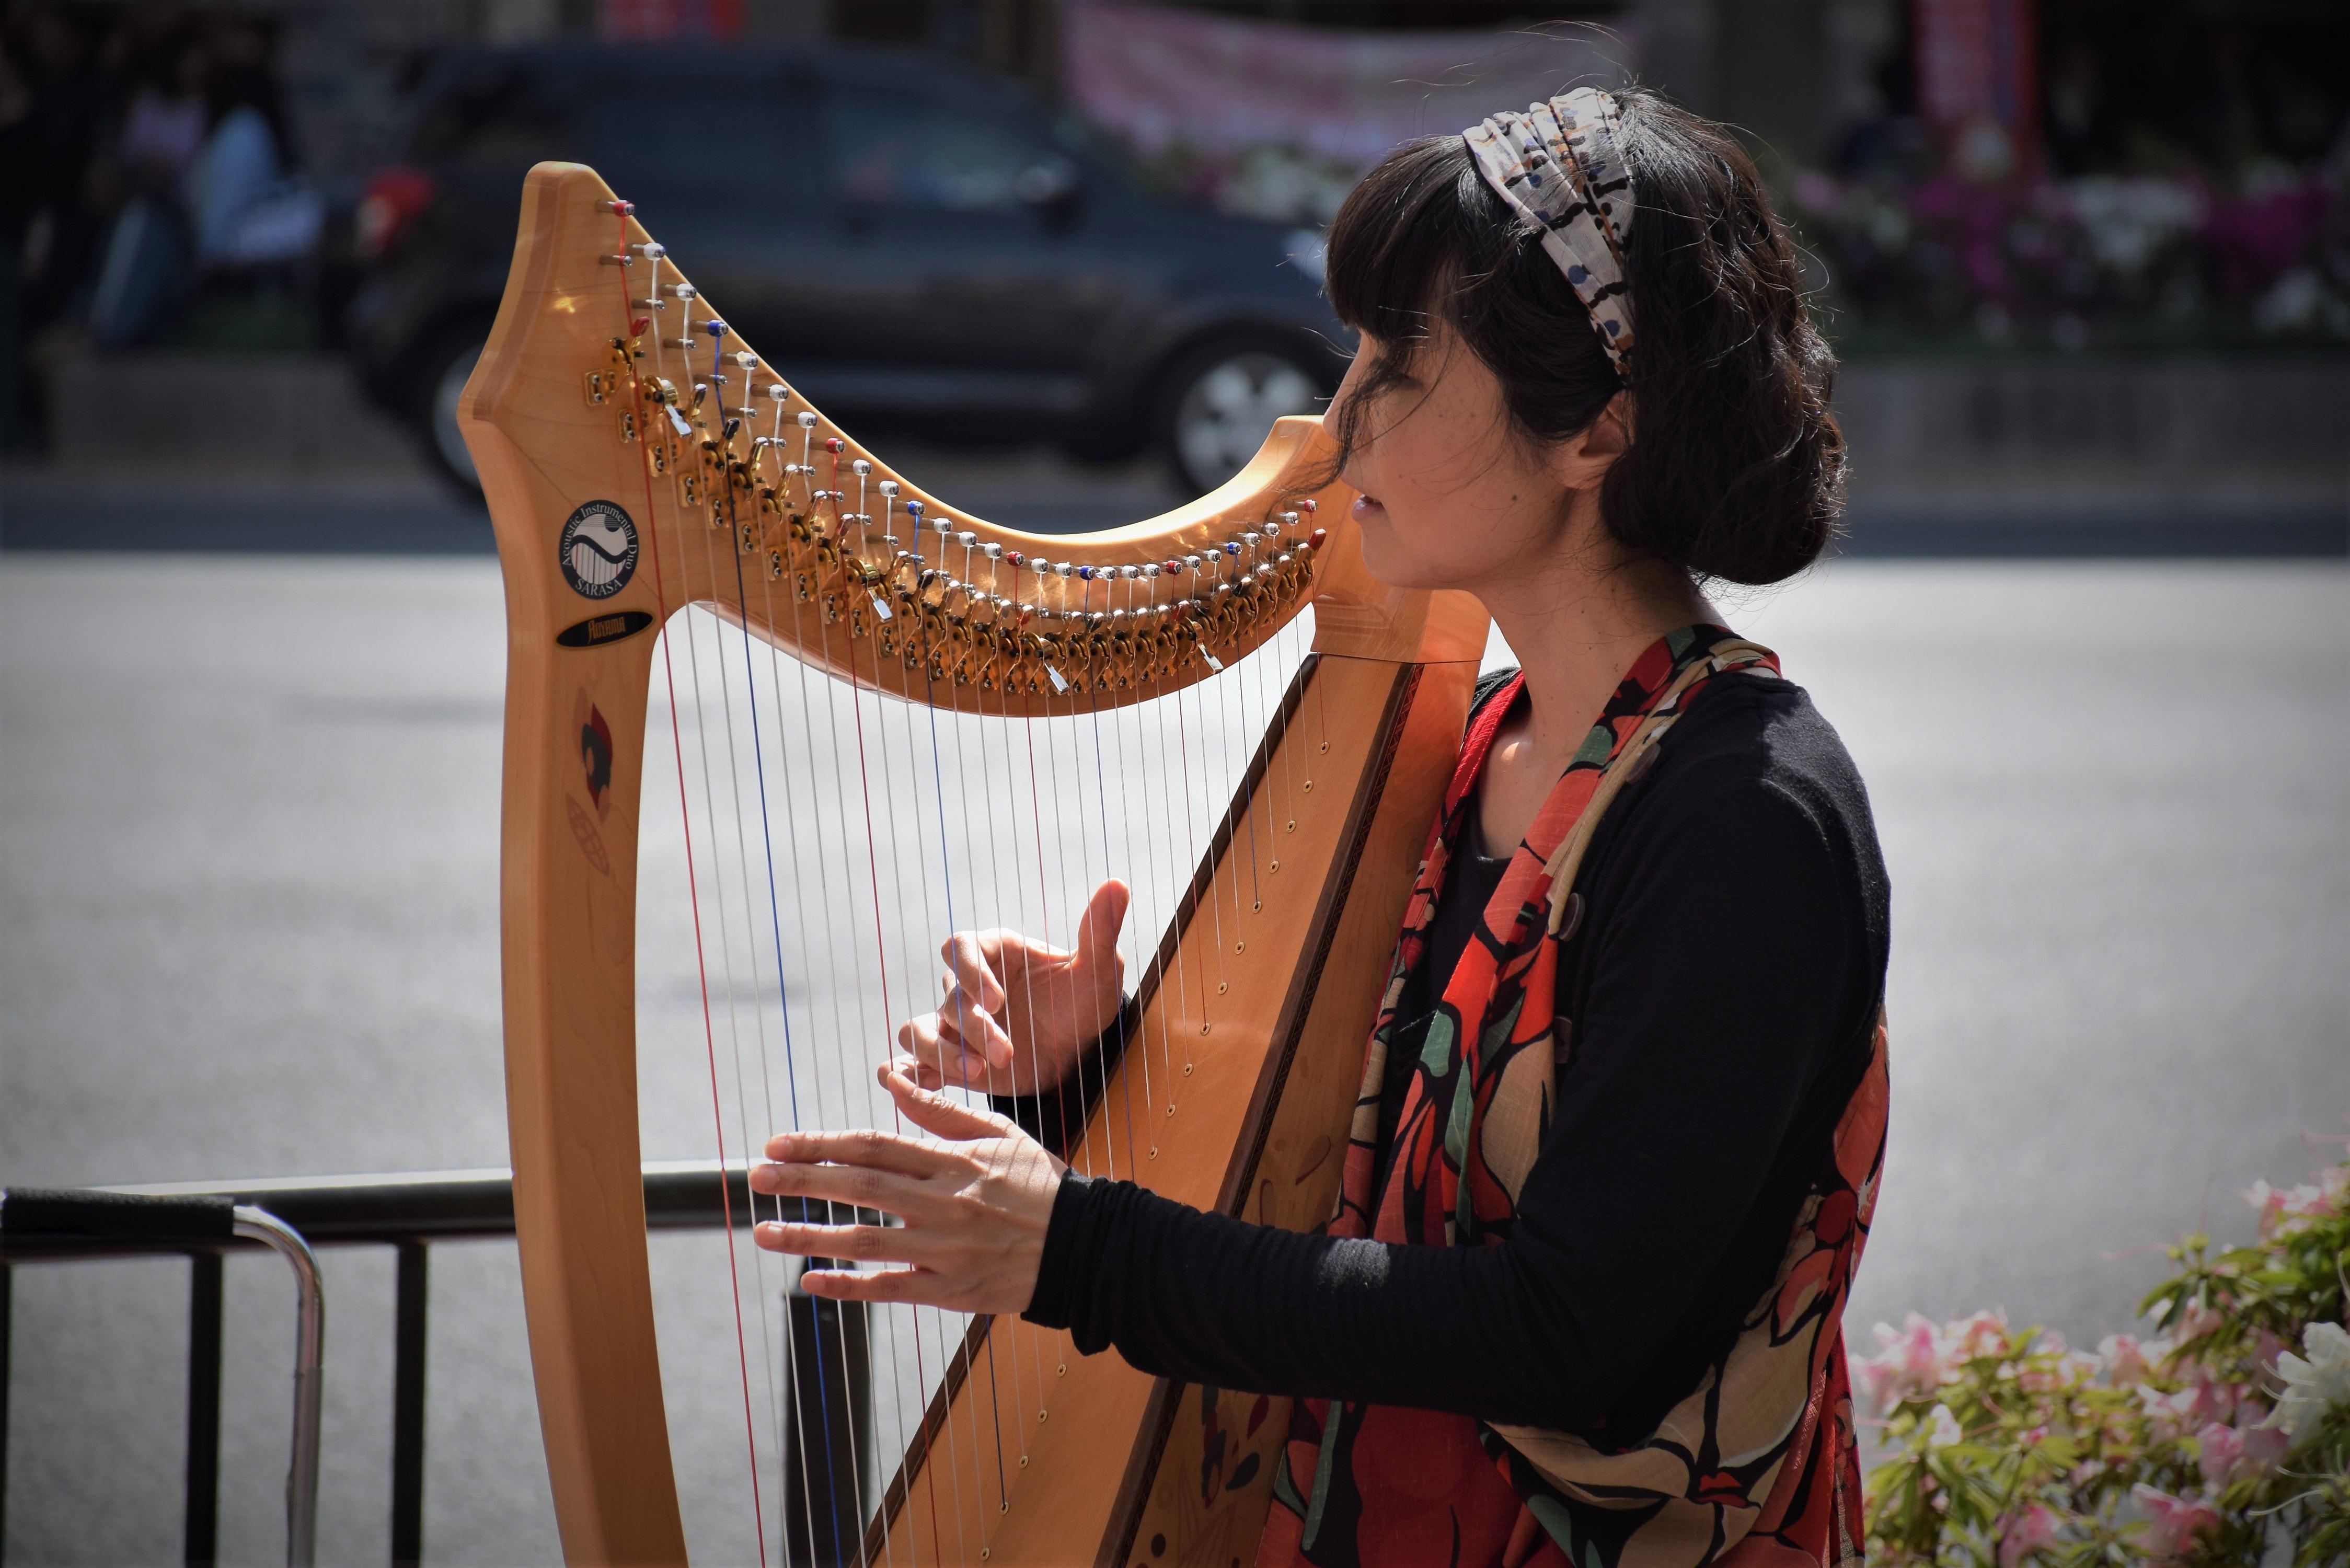 Die Harfenspielerin in Wien | story.one